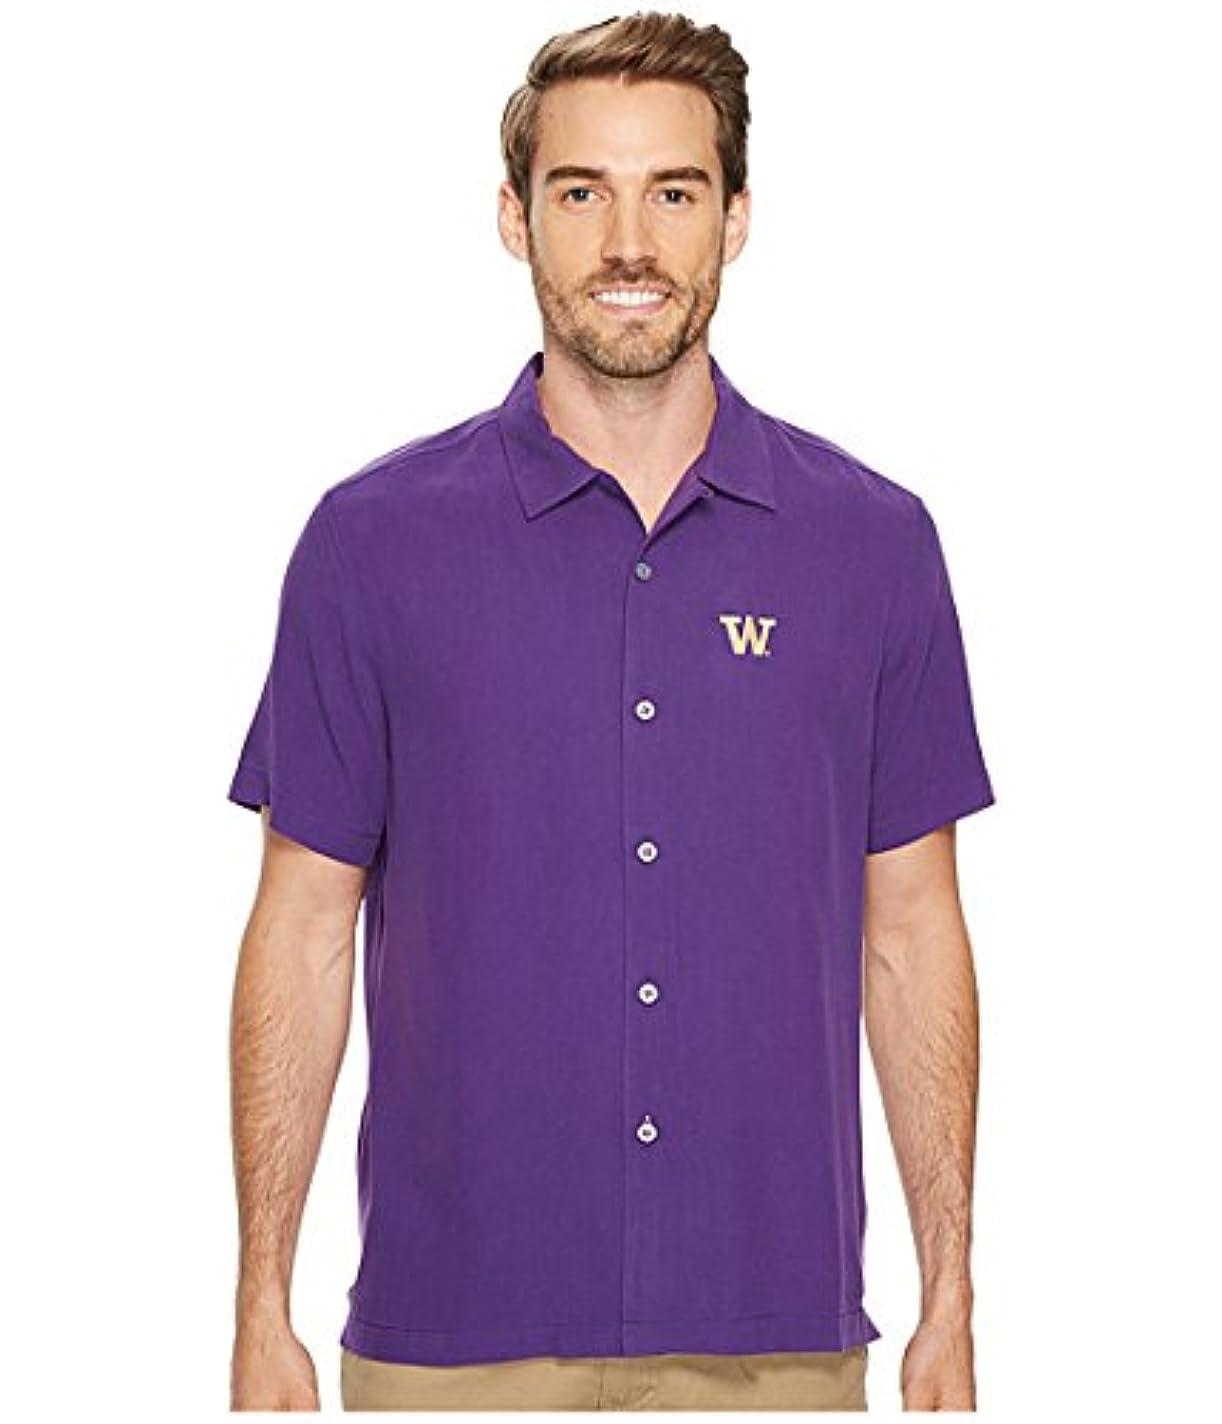 報告書ジャベスウィルソン先生(トミーバハマ)Tommy Bahama メンズシャツ?ワイシャツ Collegiate Series Catalina Twill University of Washington LG L [並行輸入品]